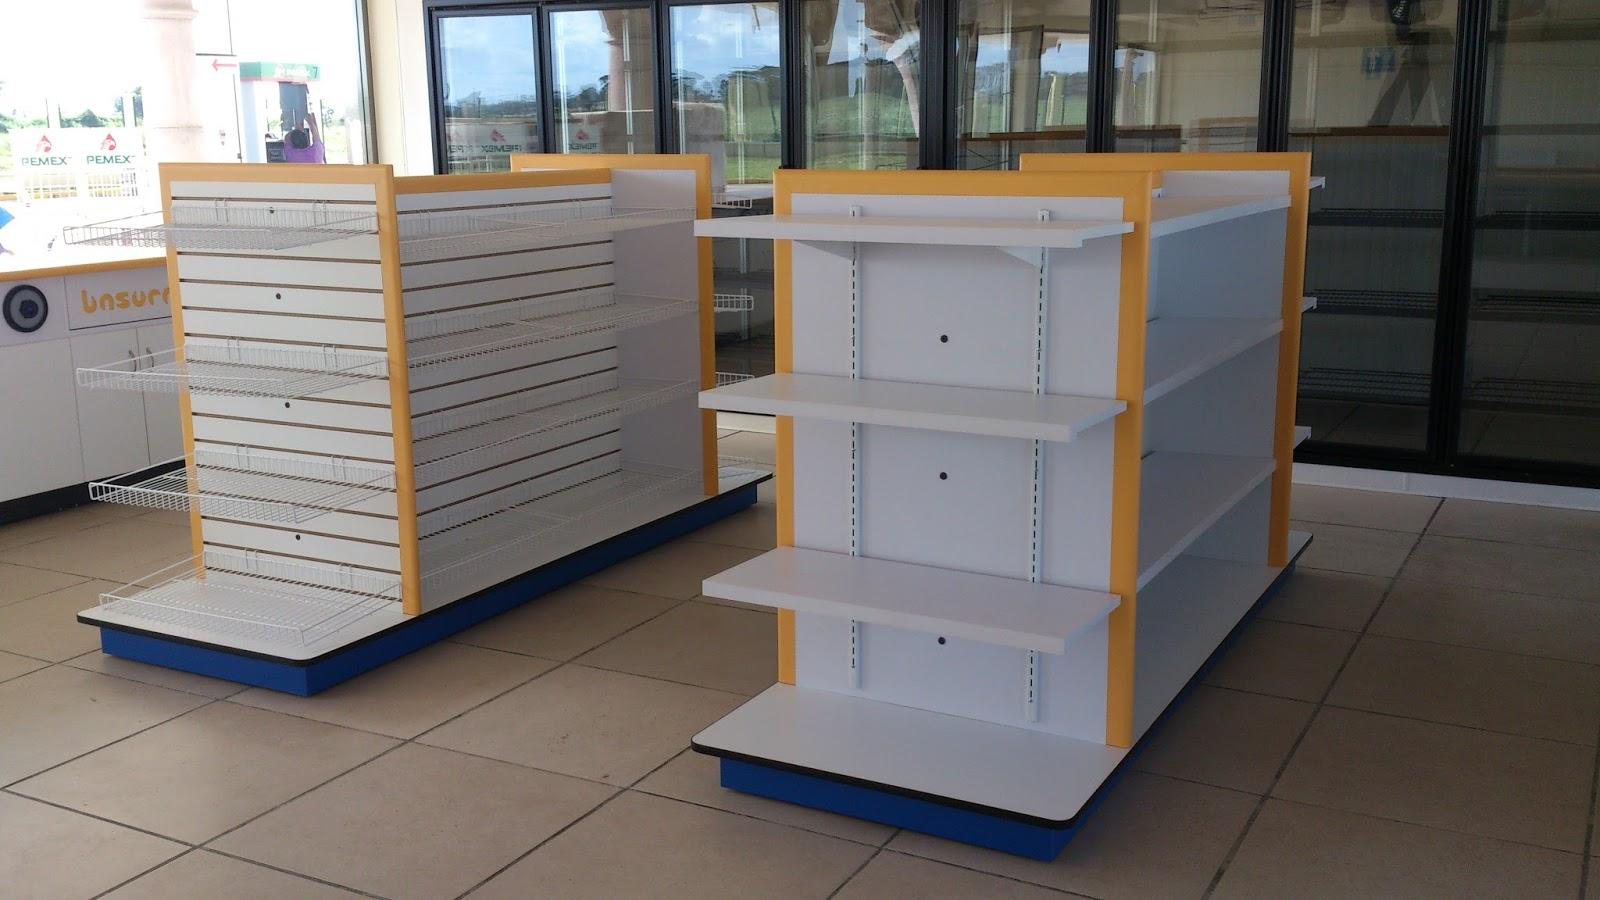 mostradores vitrinas y estantes para tiendas y negocios: Mostradores  #966B35 1600x900